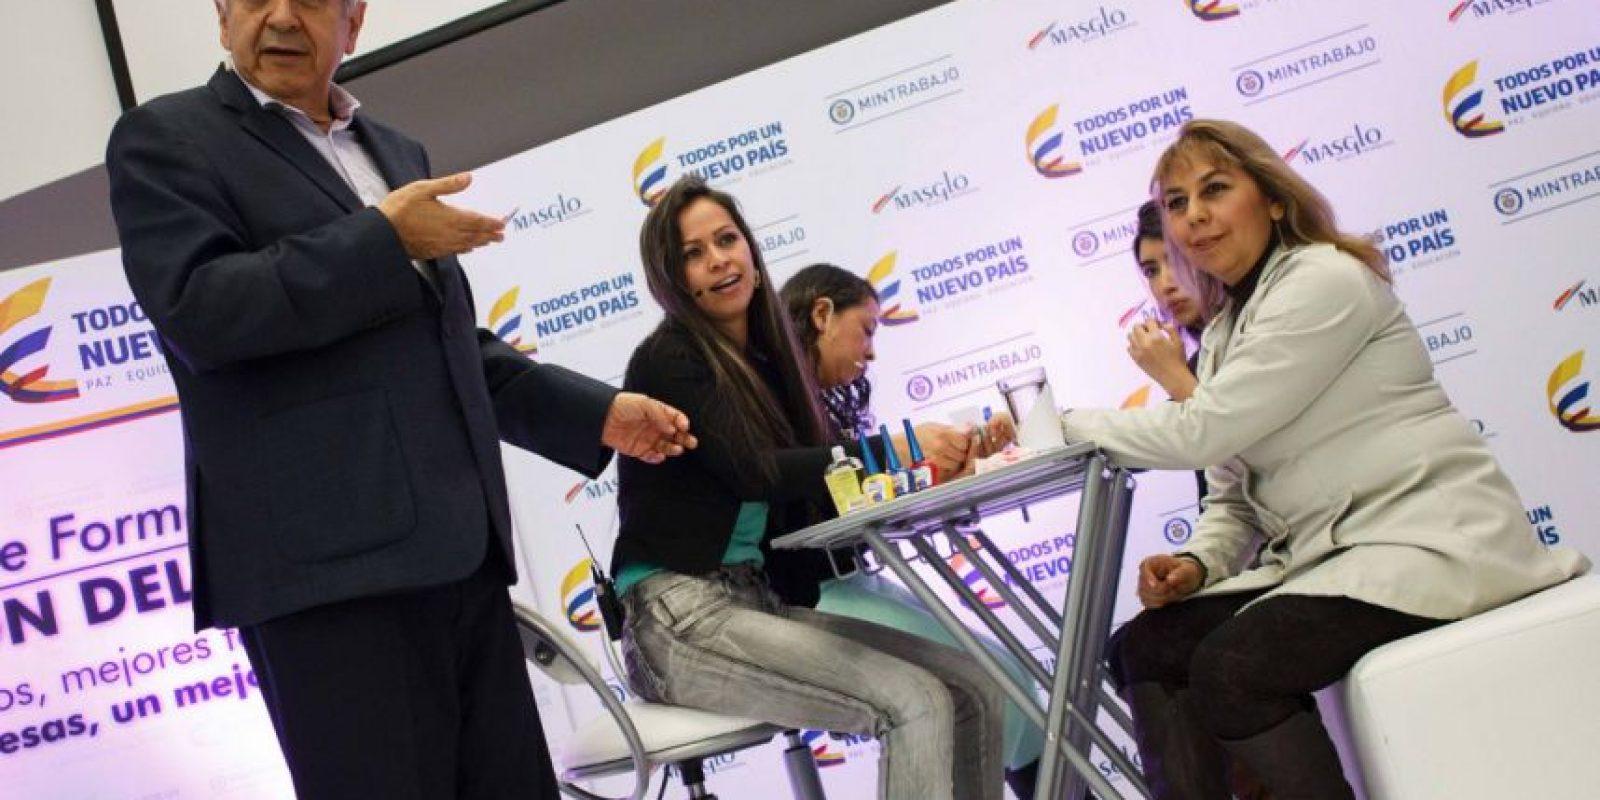 El ministro del Trabajo anunció hoy un acuerdo colaborativo con la empresa Masglo para formalizar a miles de manicuristas en Colombia. Foto:Juan Pablo Pino / Publimetro